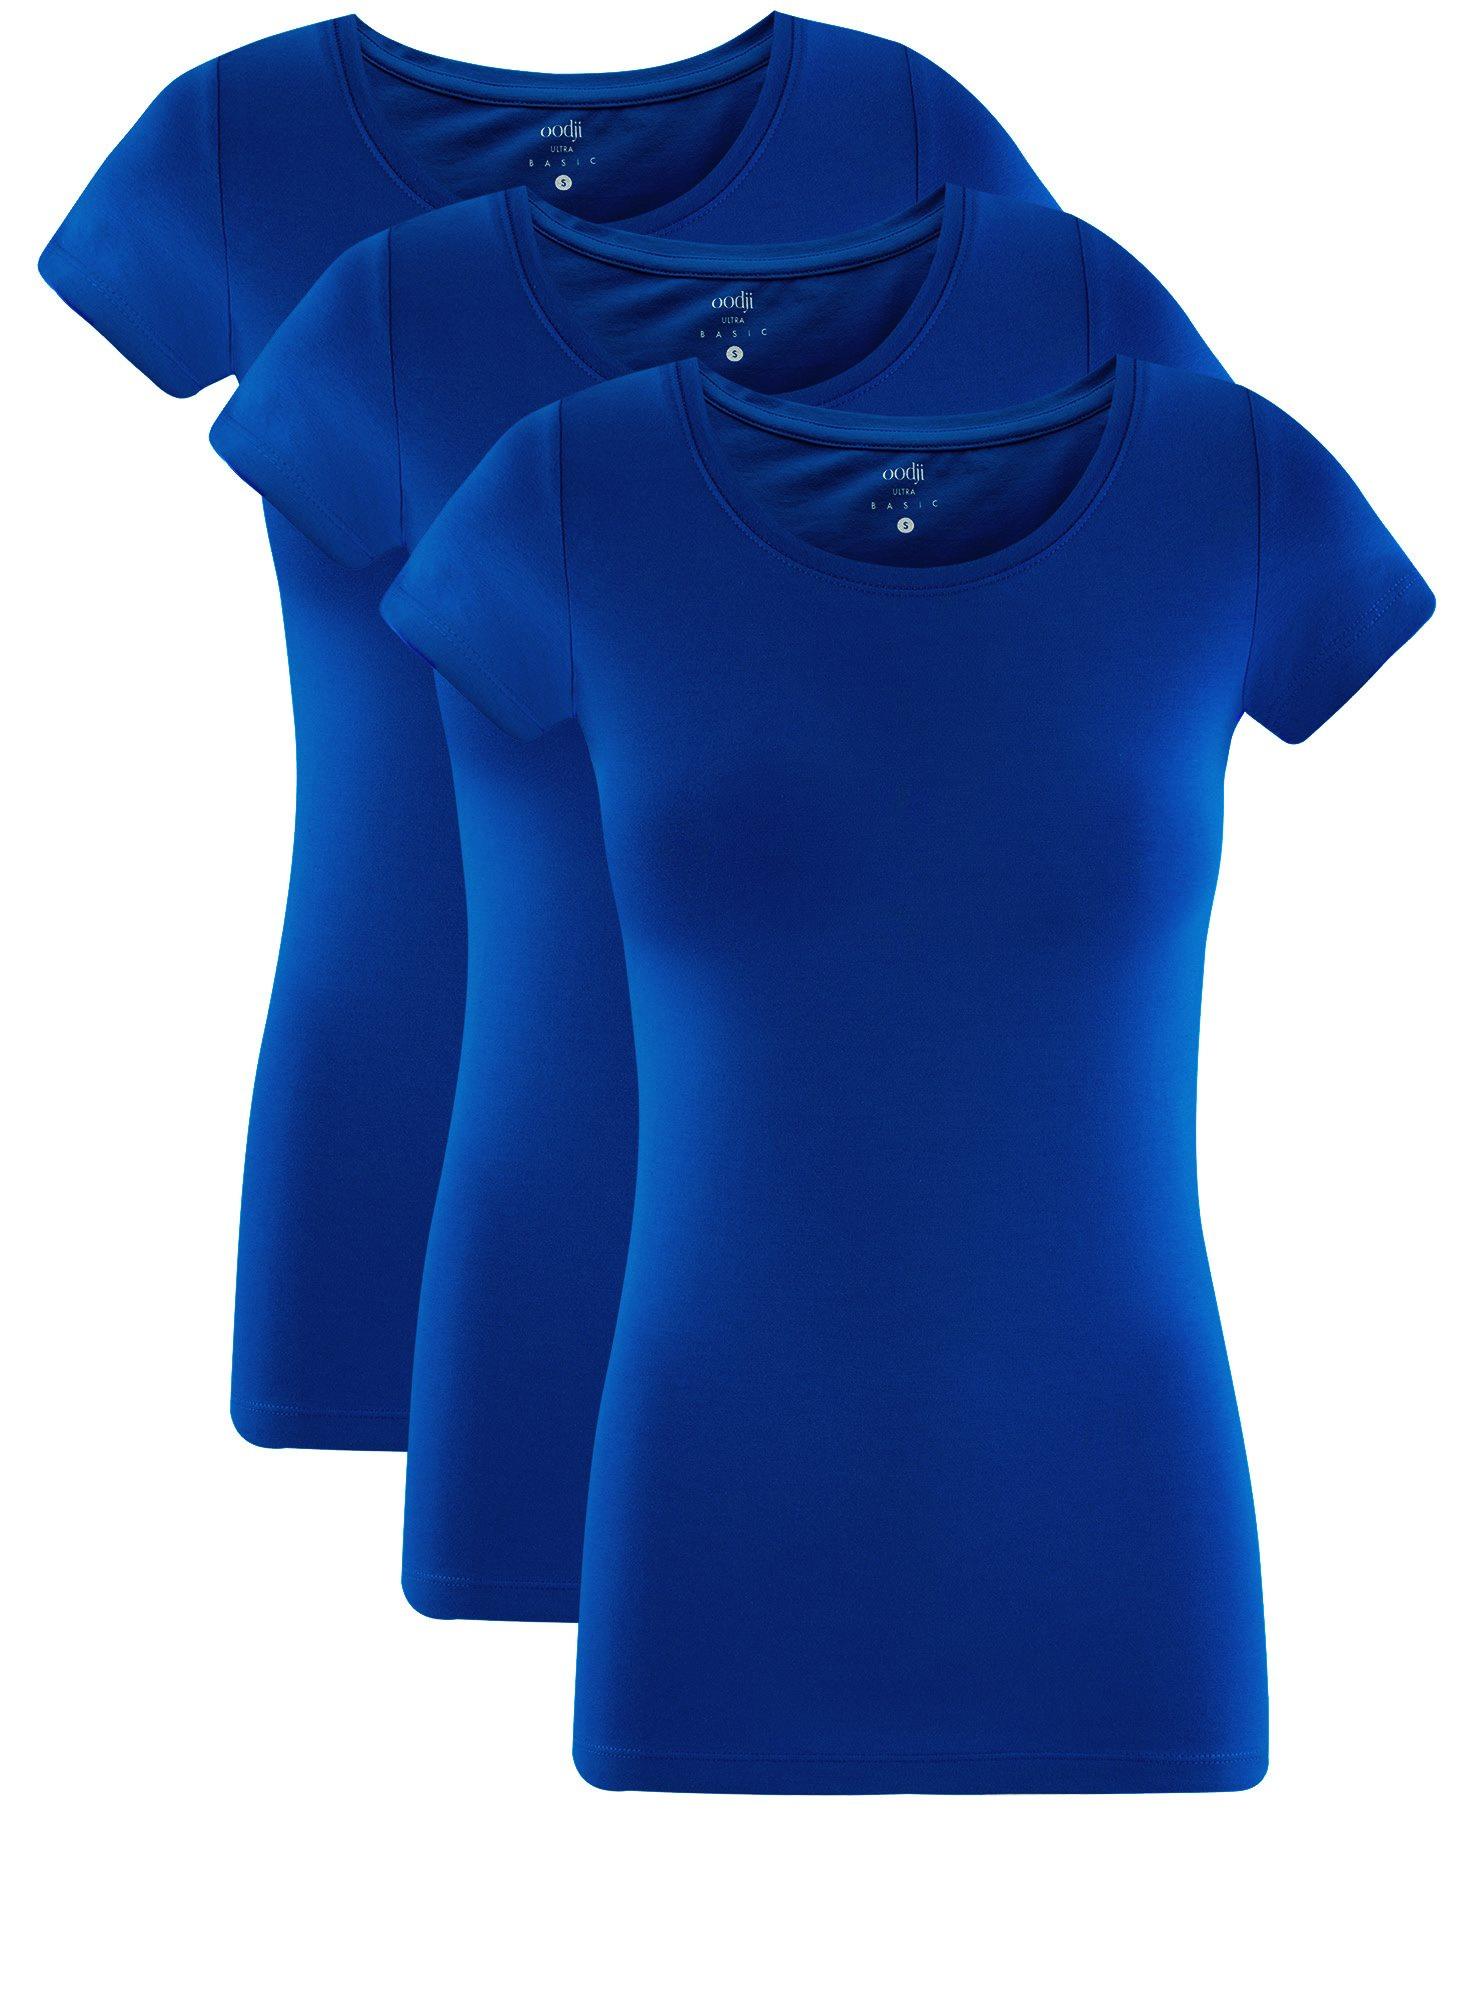 Футболка базовая приталенная (комплект из 3 штук) oodji для женщины (синий), 14701005T3/46147/7500N